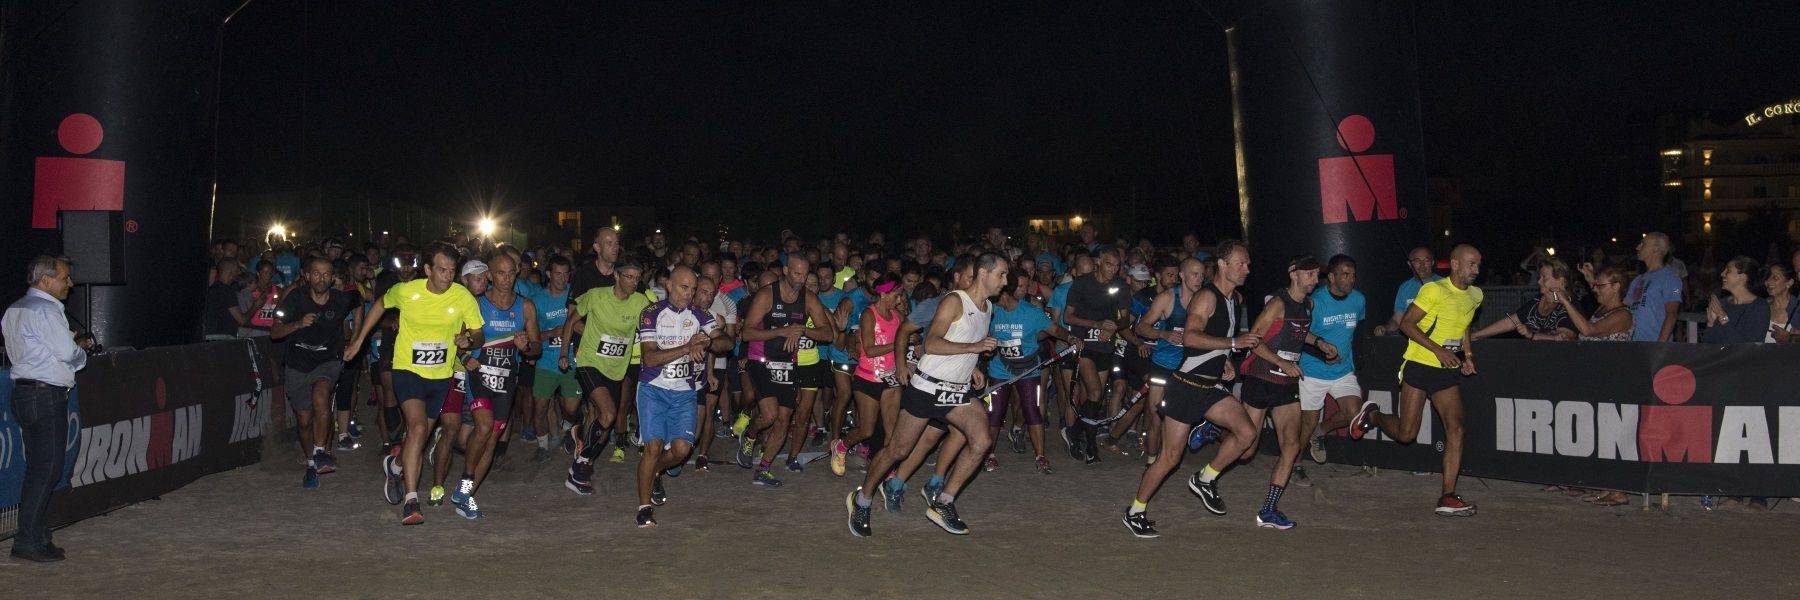 Night Run